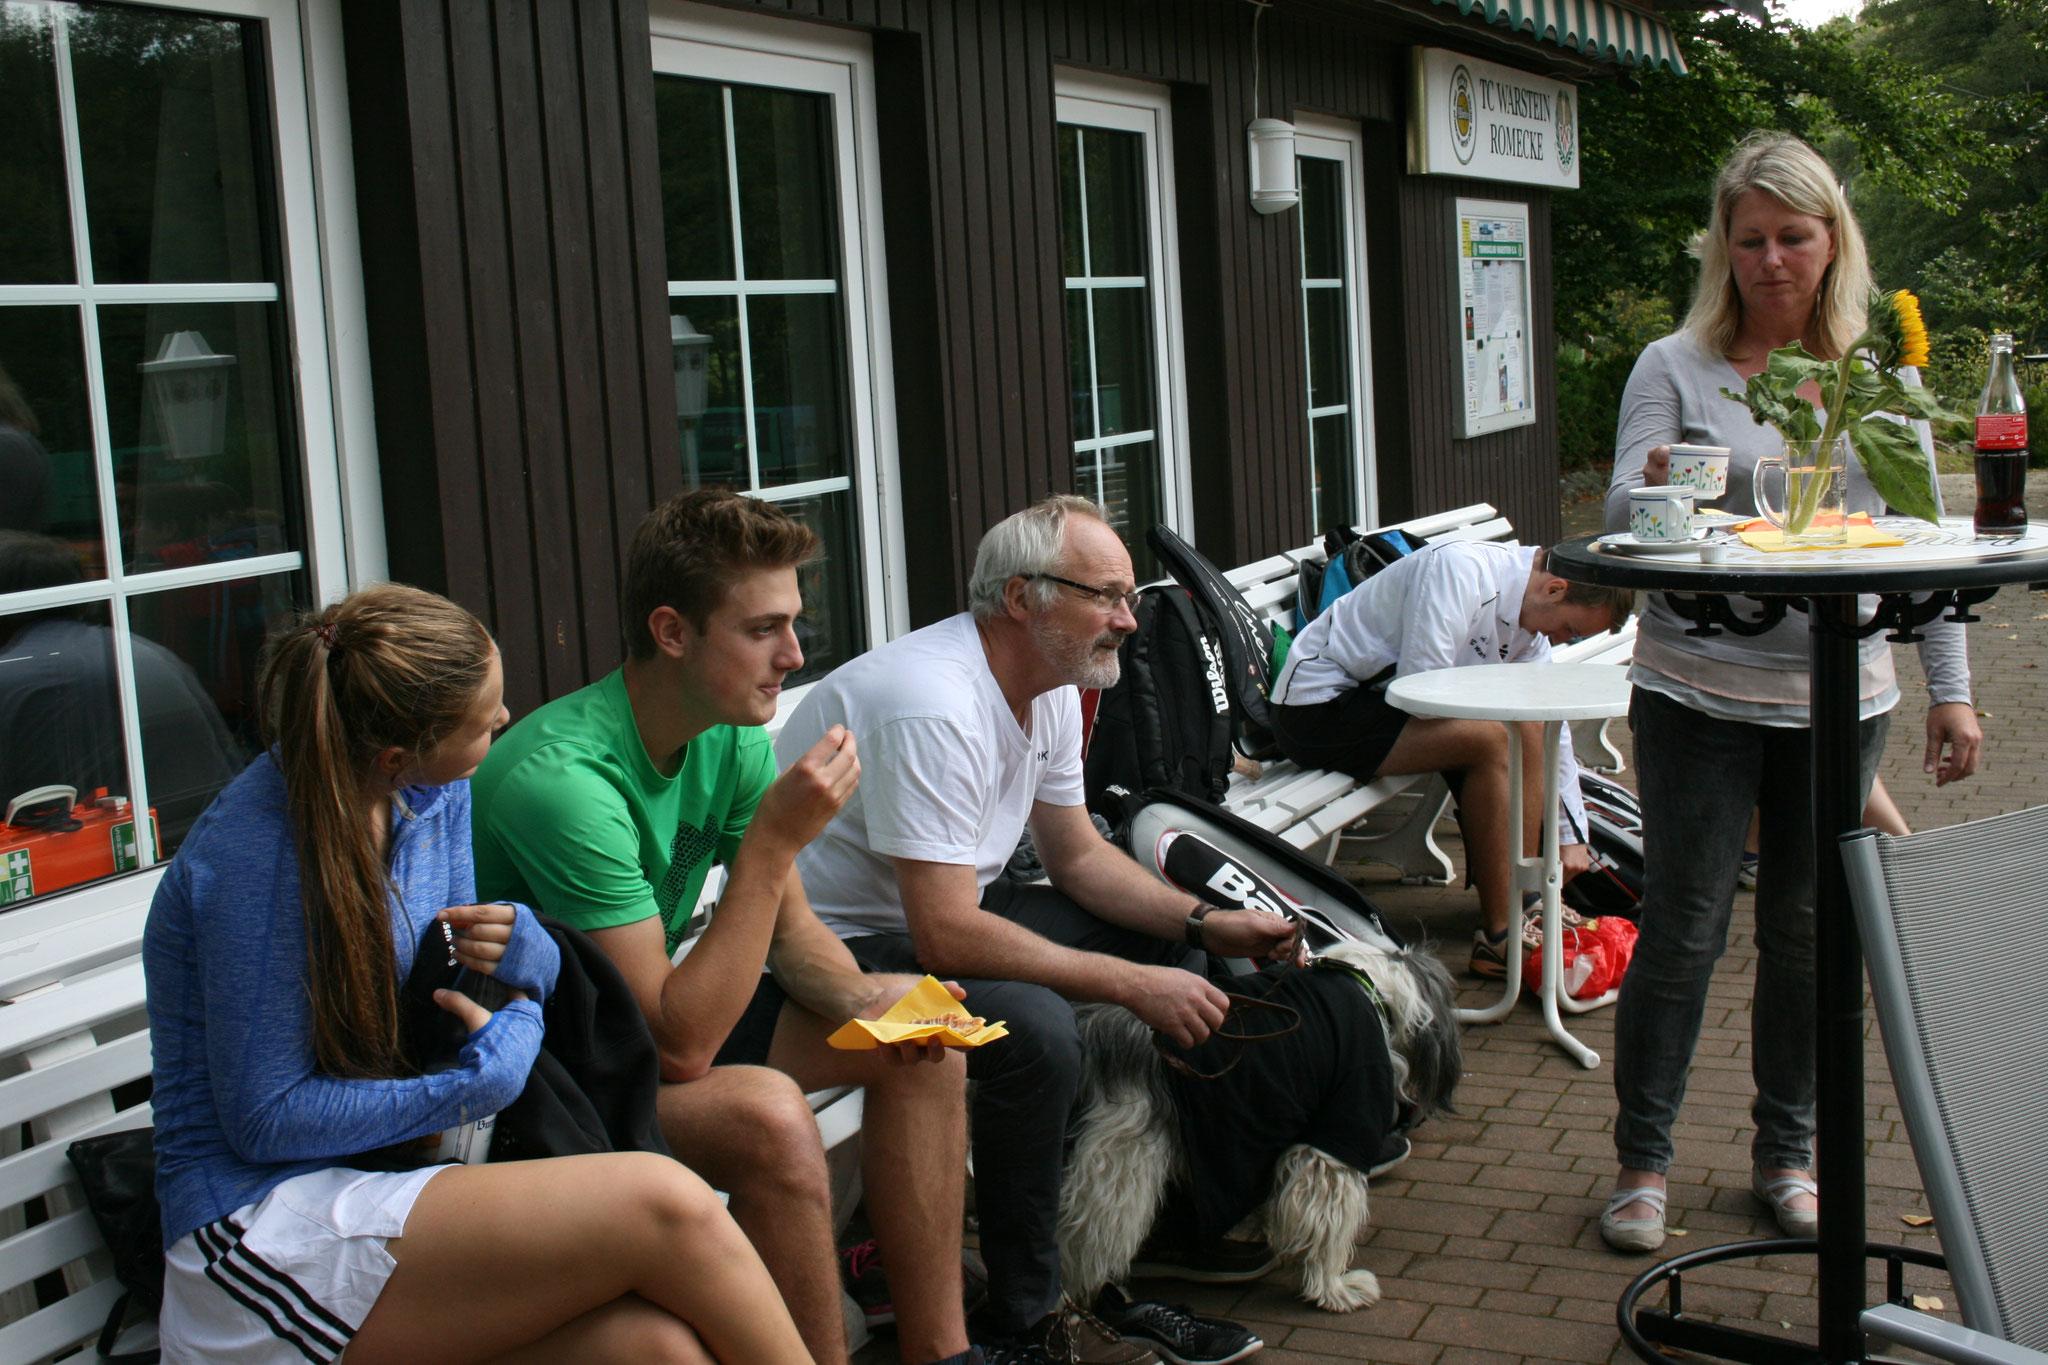 Viele Gäste wurden vom Event angelockt, die sich die frisch gebackenen Waffeln schmecken ließen